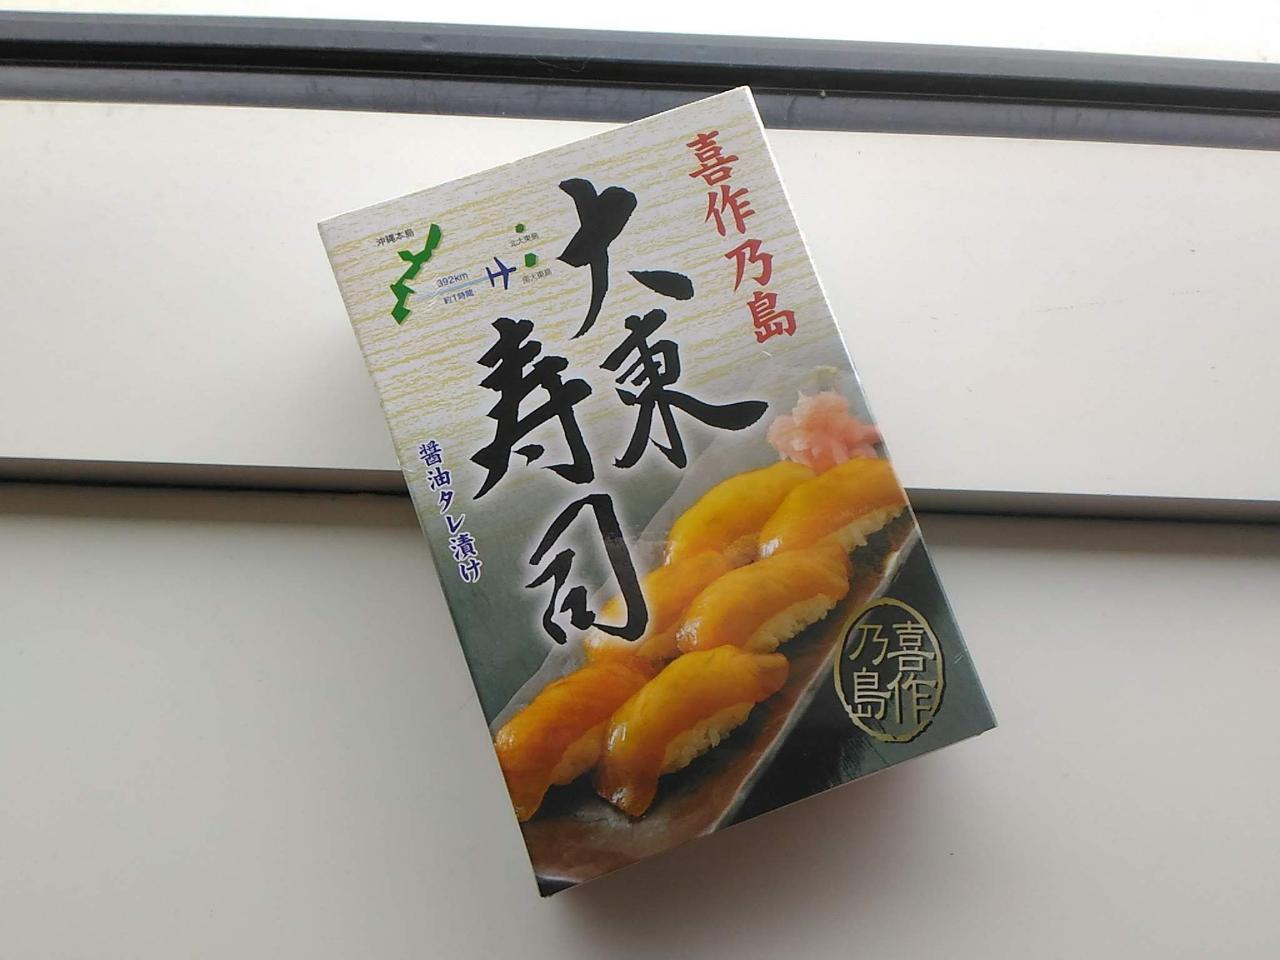 大東寿司のパッケージ